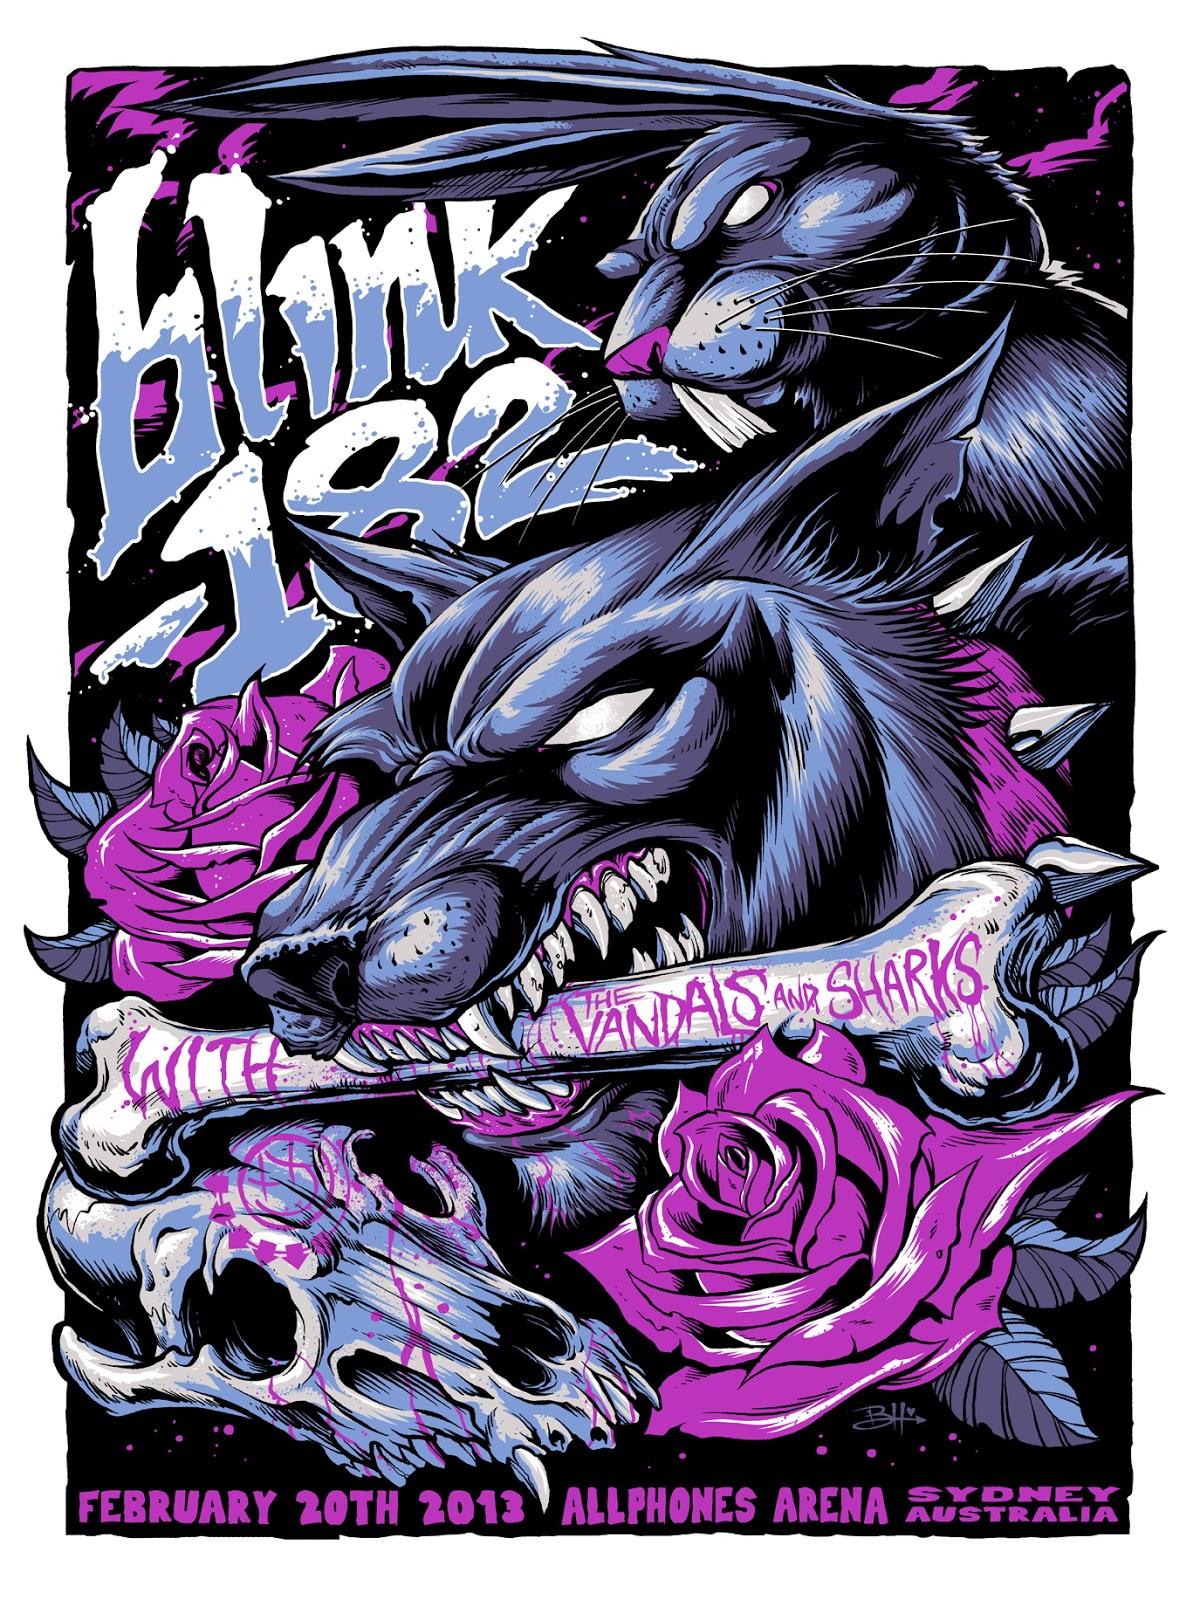 inside the rock poster frame blog tonights blink182